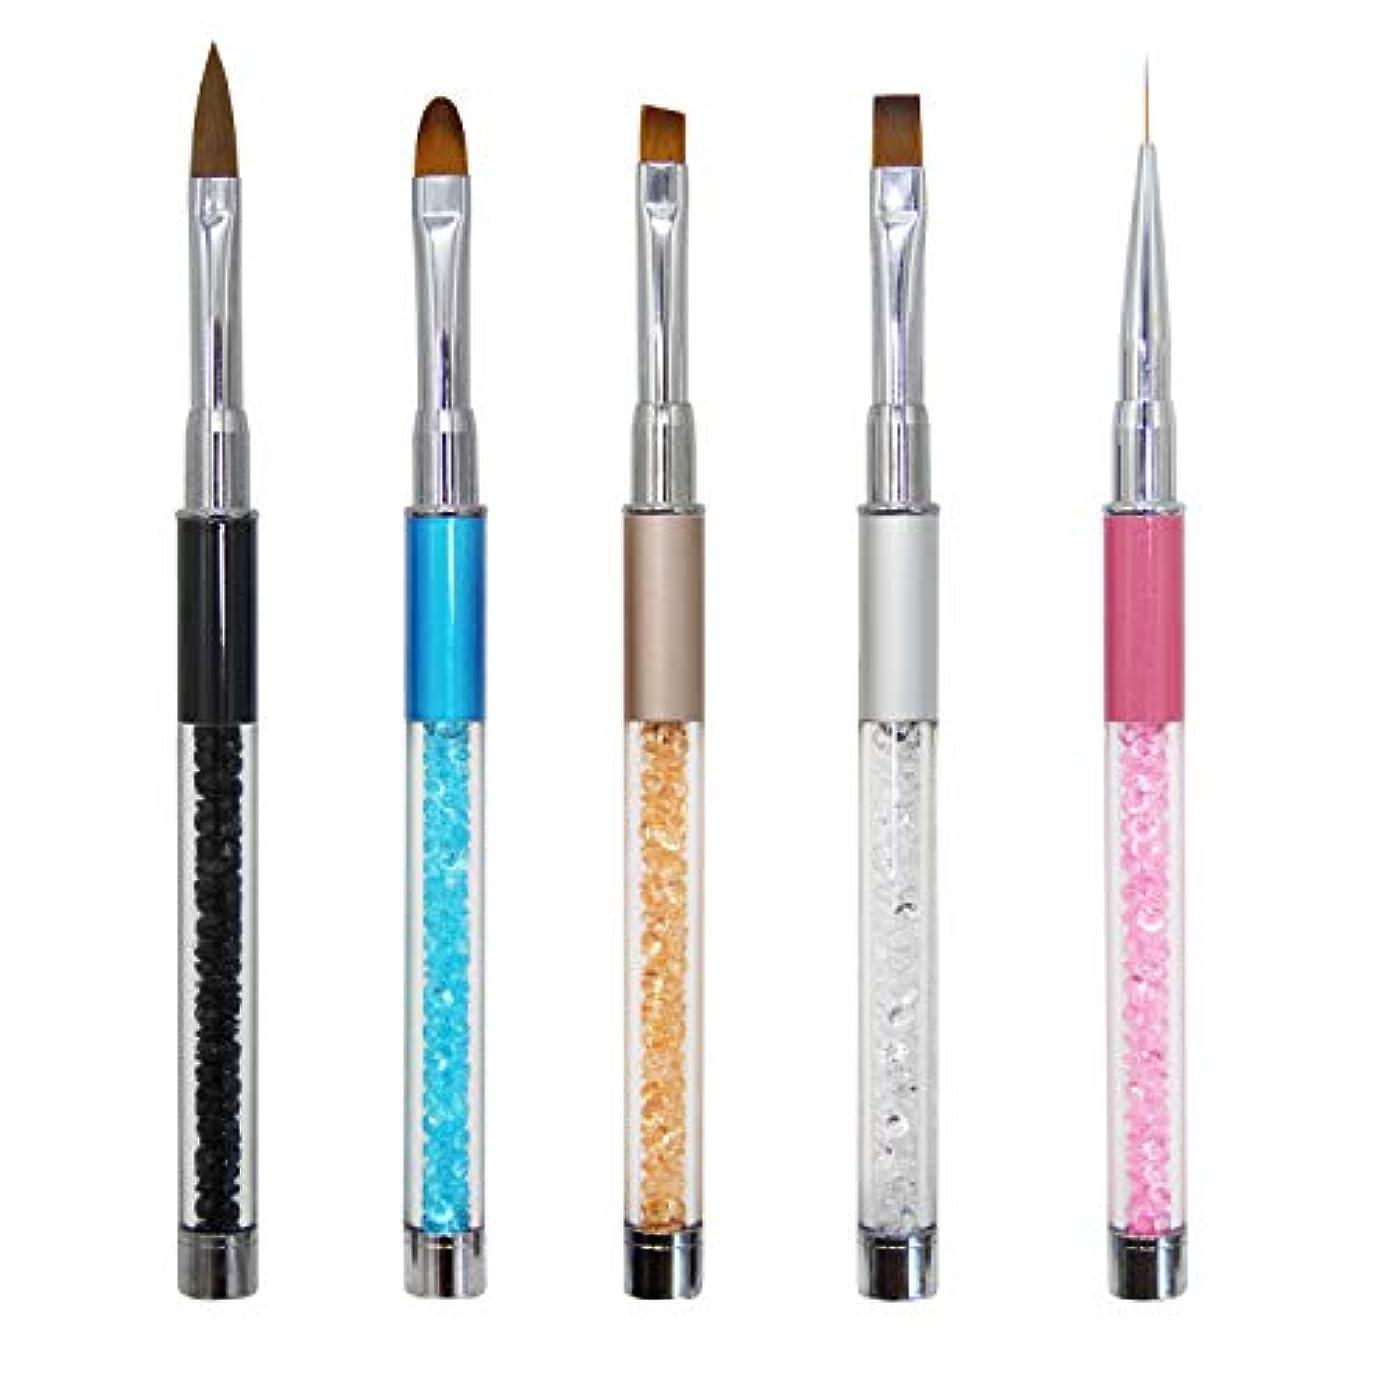 ネイルブラシ Missct 高品質 ネイルアート筆 ジェルネイルペン フレンチ 平筆 ネイルペン アクリル 画筆 UV用 ネイルツール ネイル用品 キャップ付き 5本セット